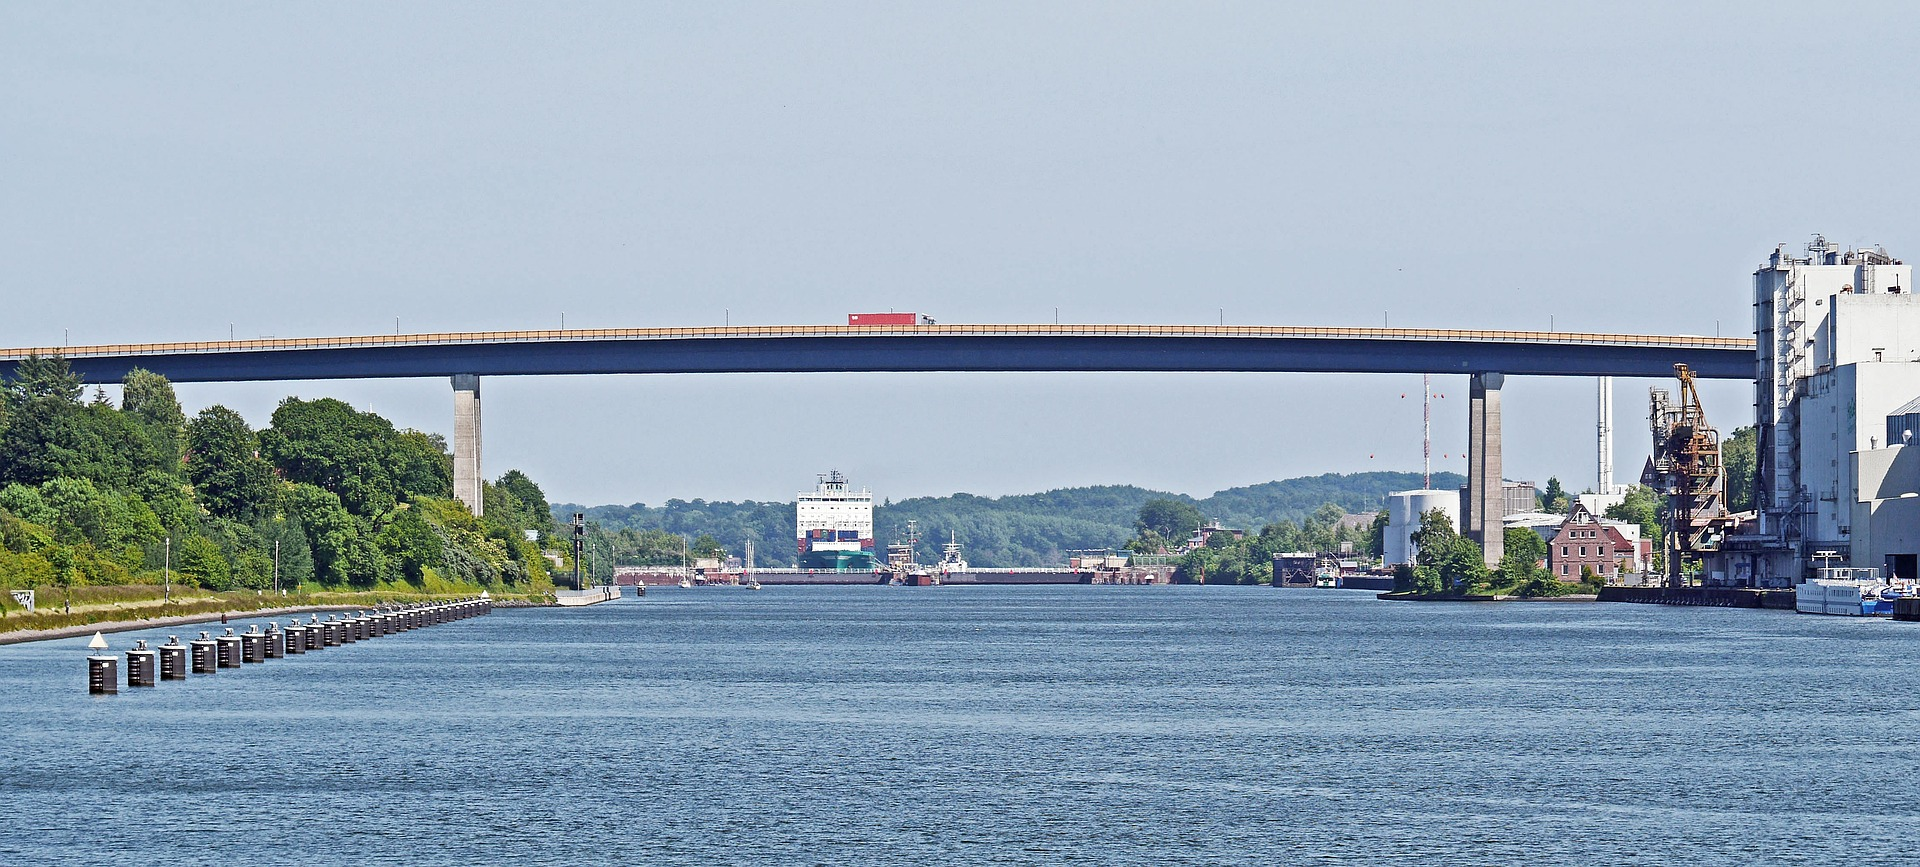 2010 - Minden – Nord-Ostsee Kanal – Minden